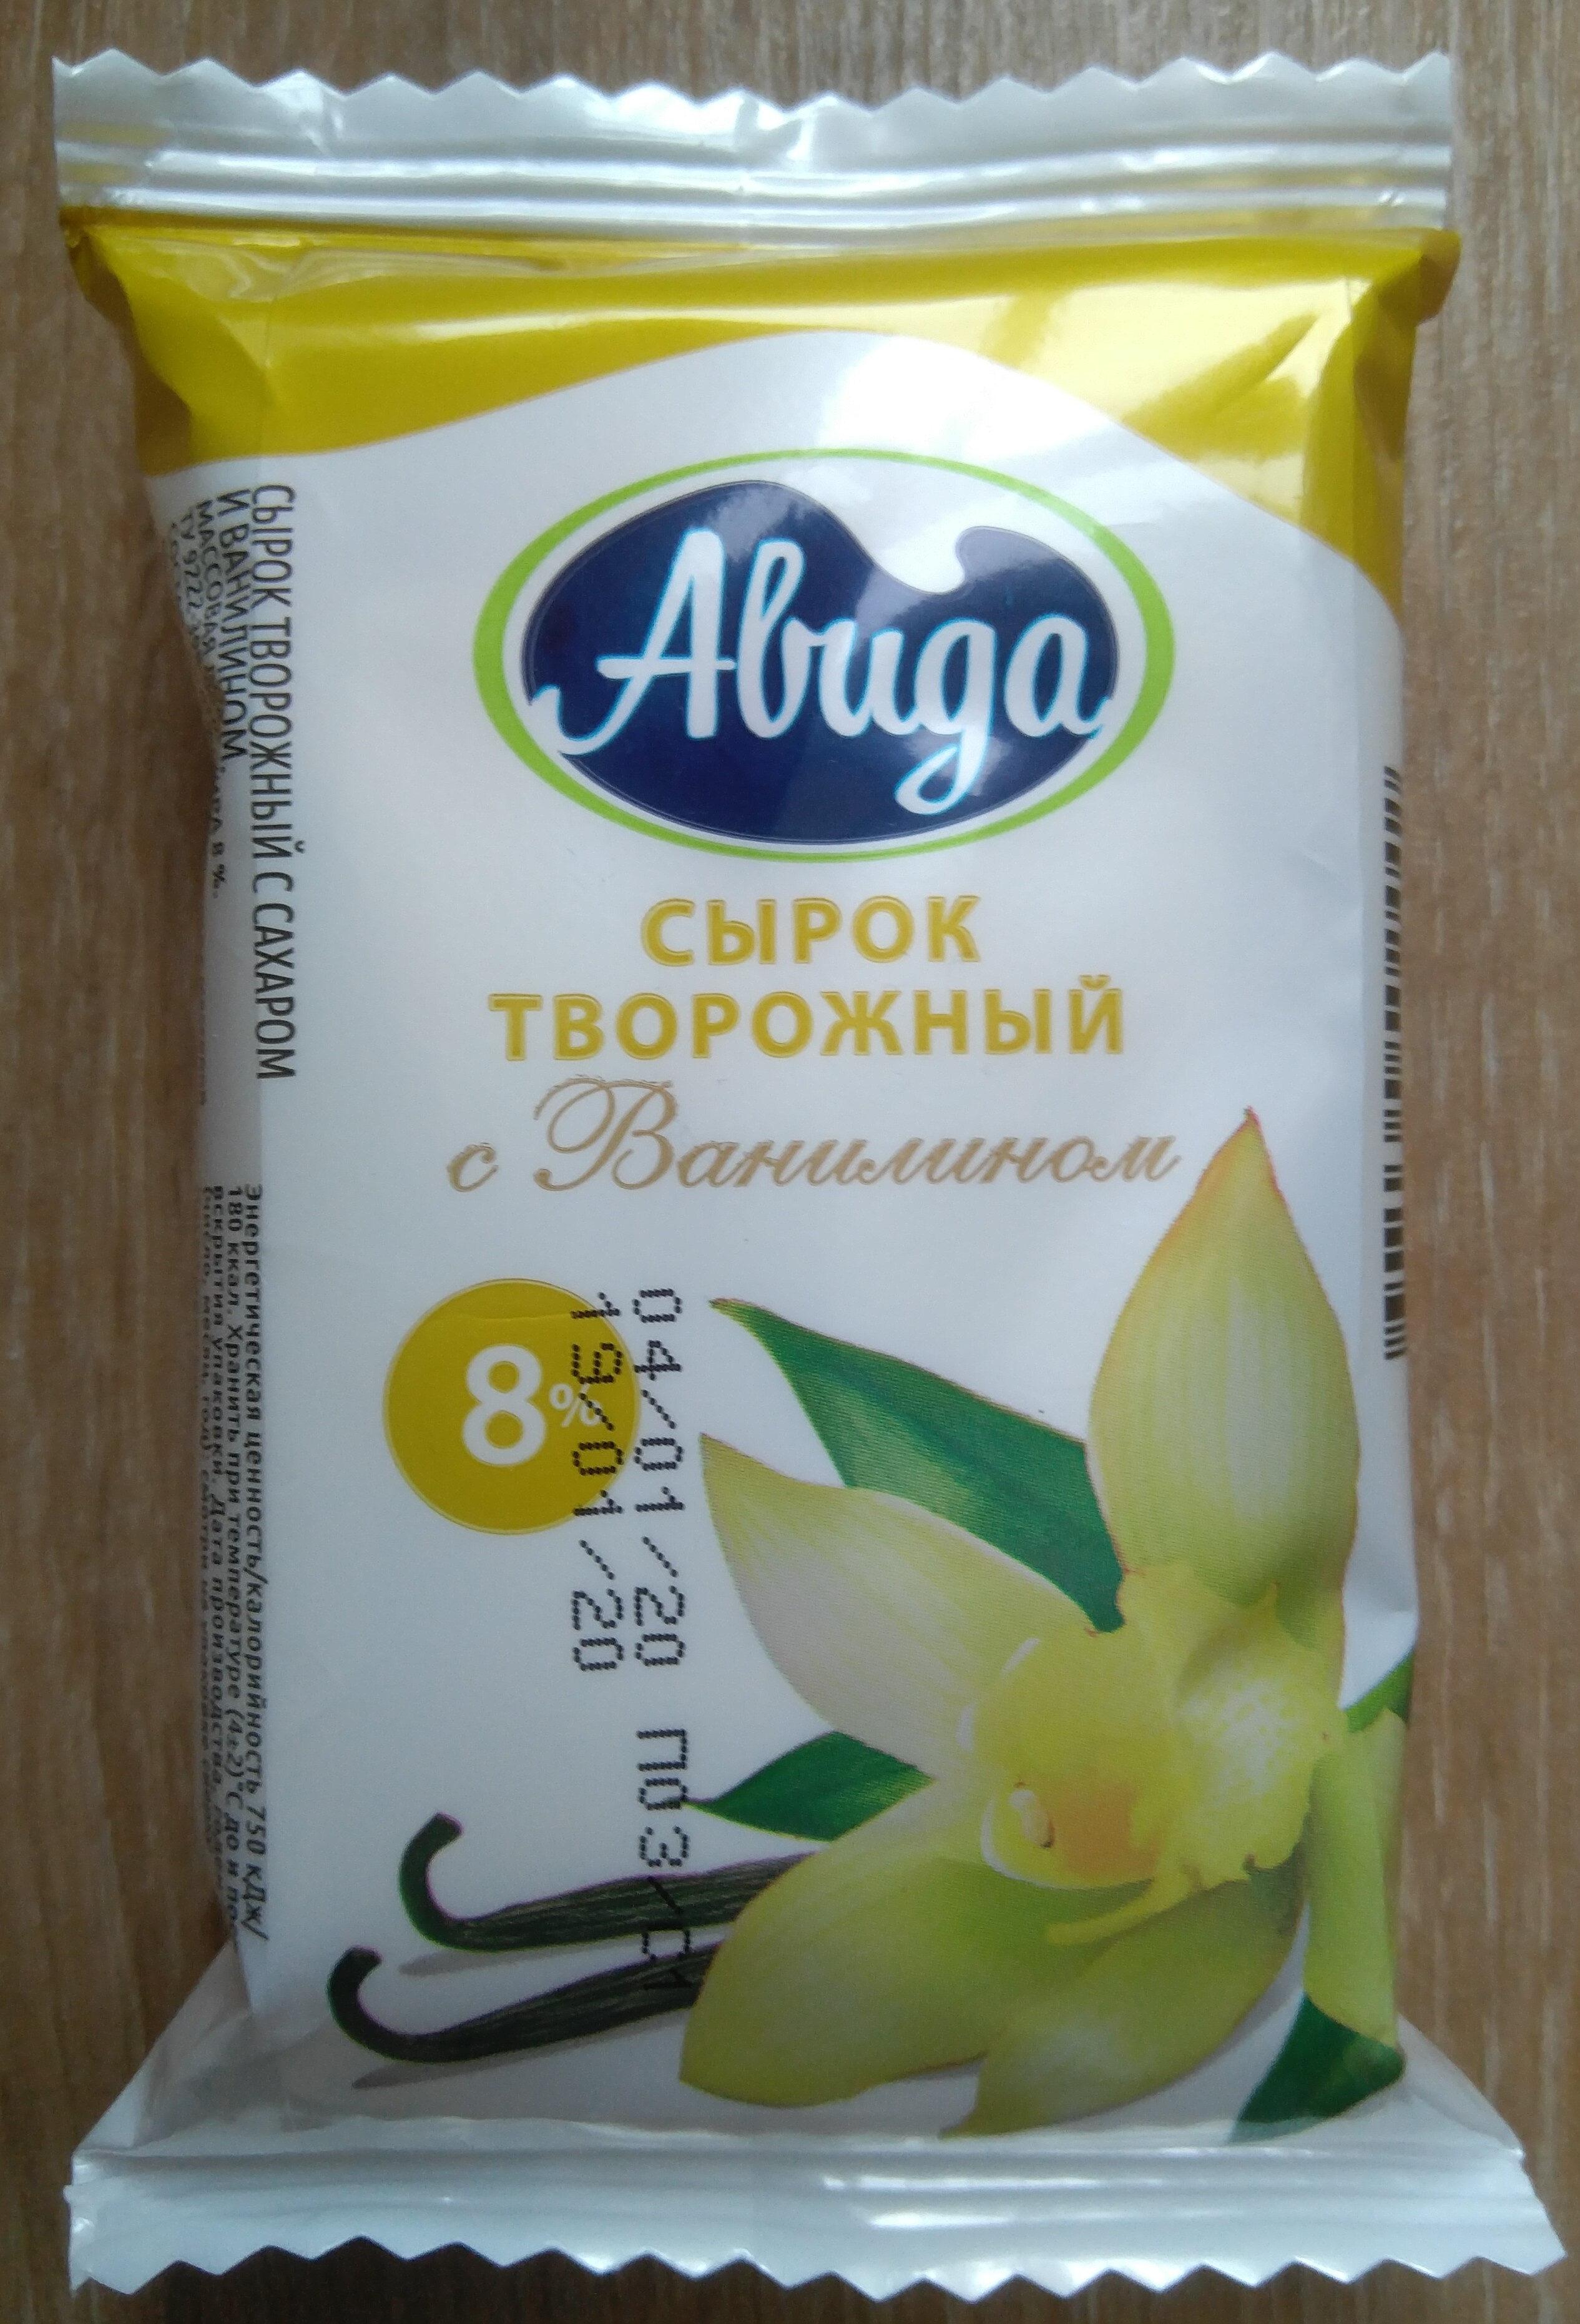 Сырок творожный с сахаром и ванилином - Product - ru